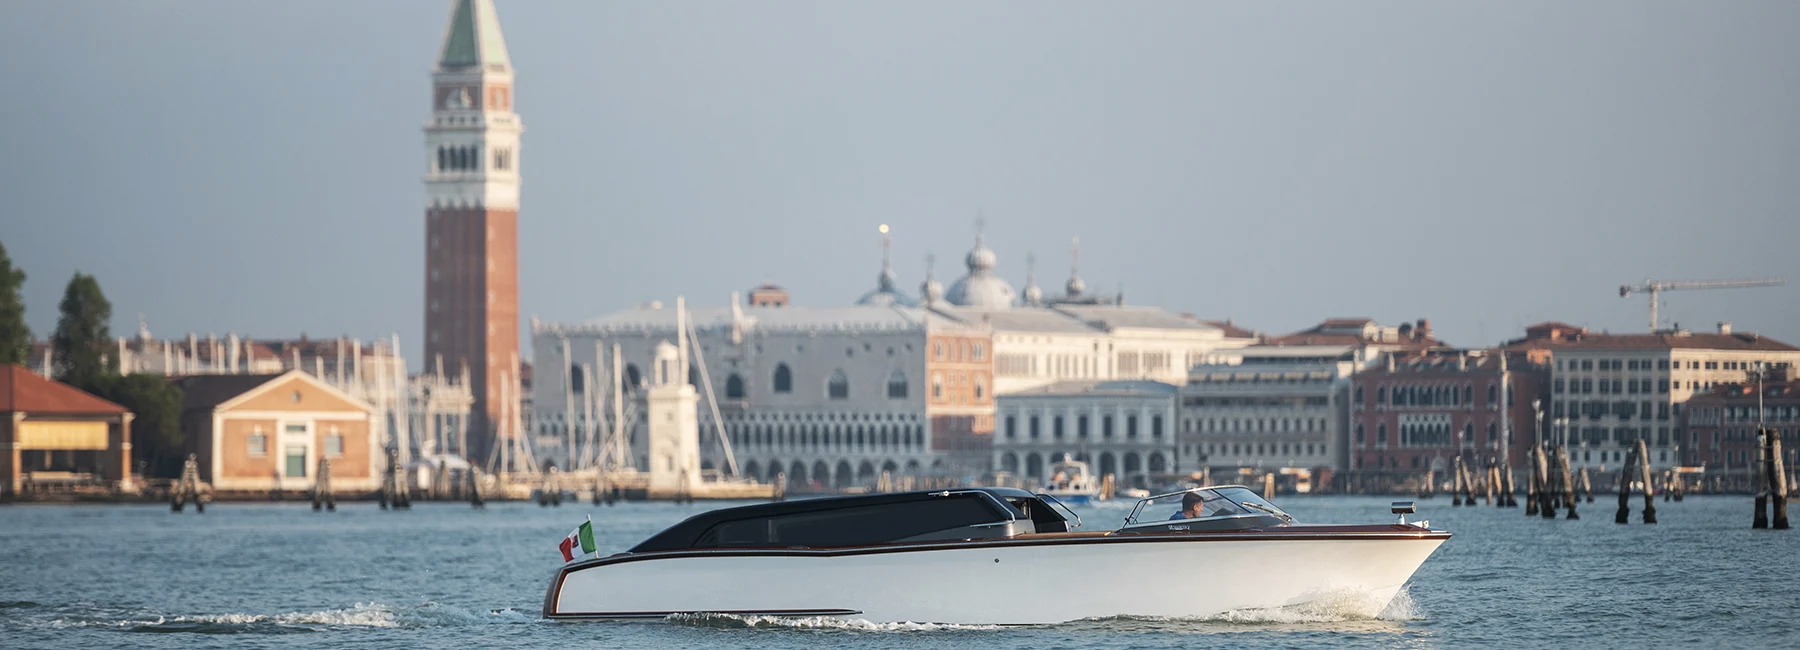 У Венеції їздитиме екологічне водне таксі